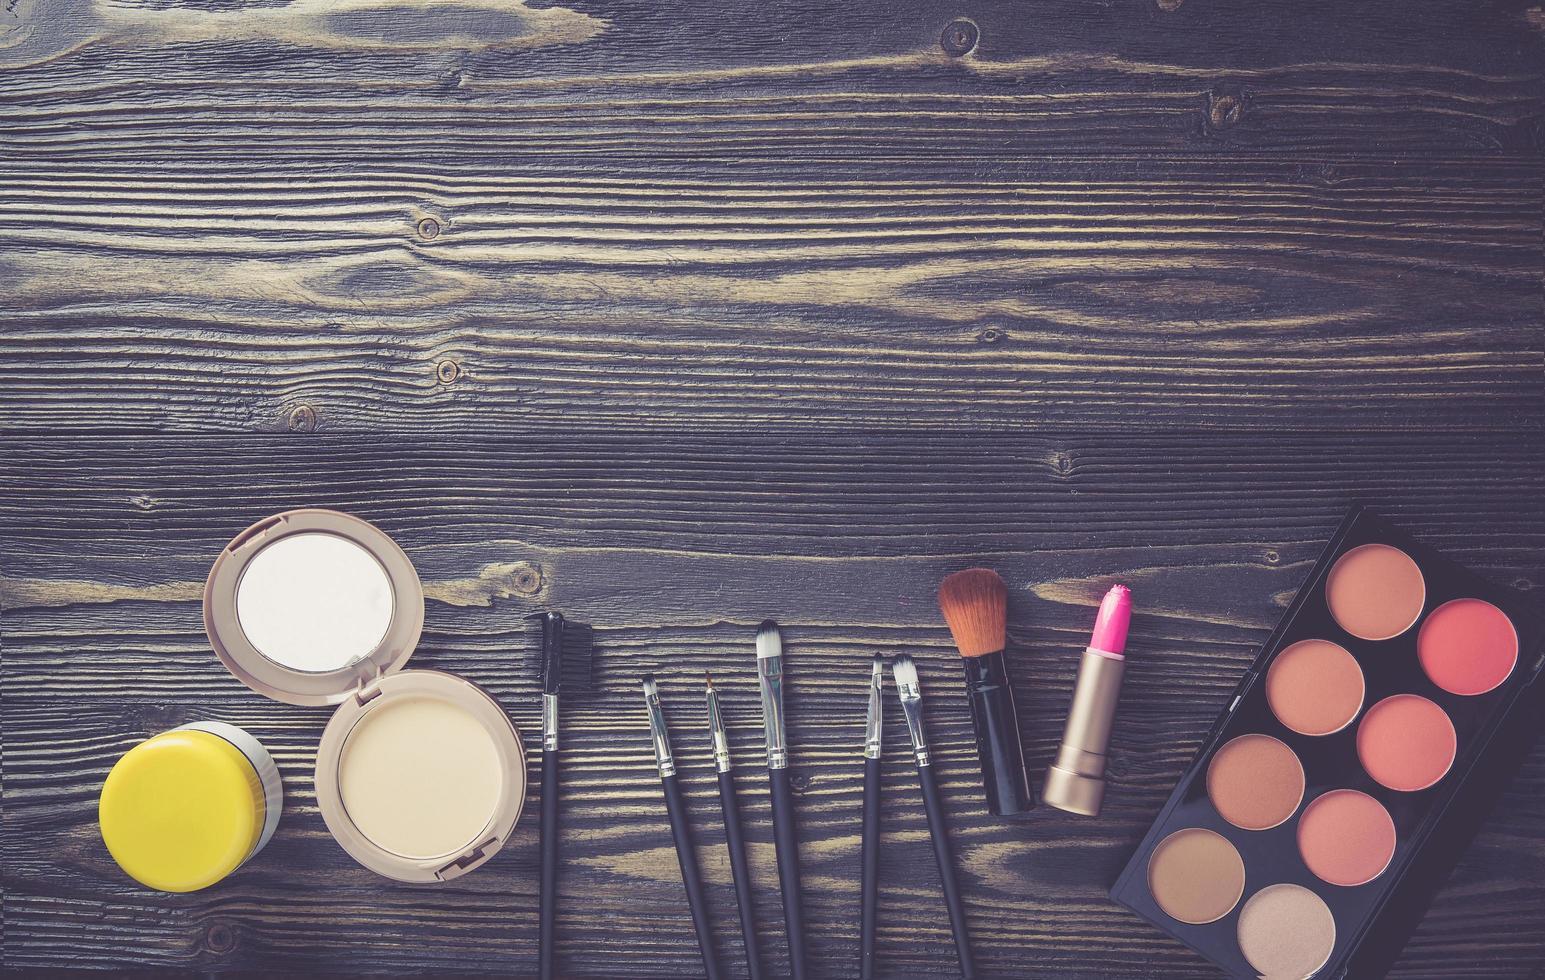 maquillaje en mesa de madera foto